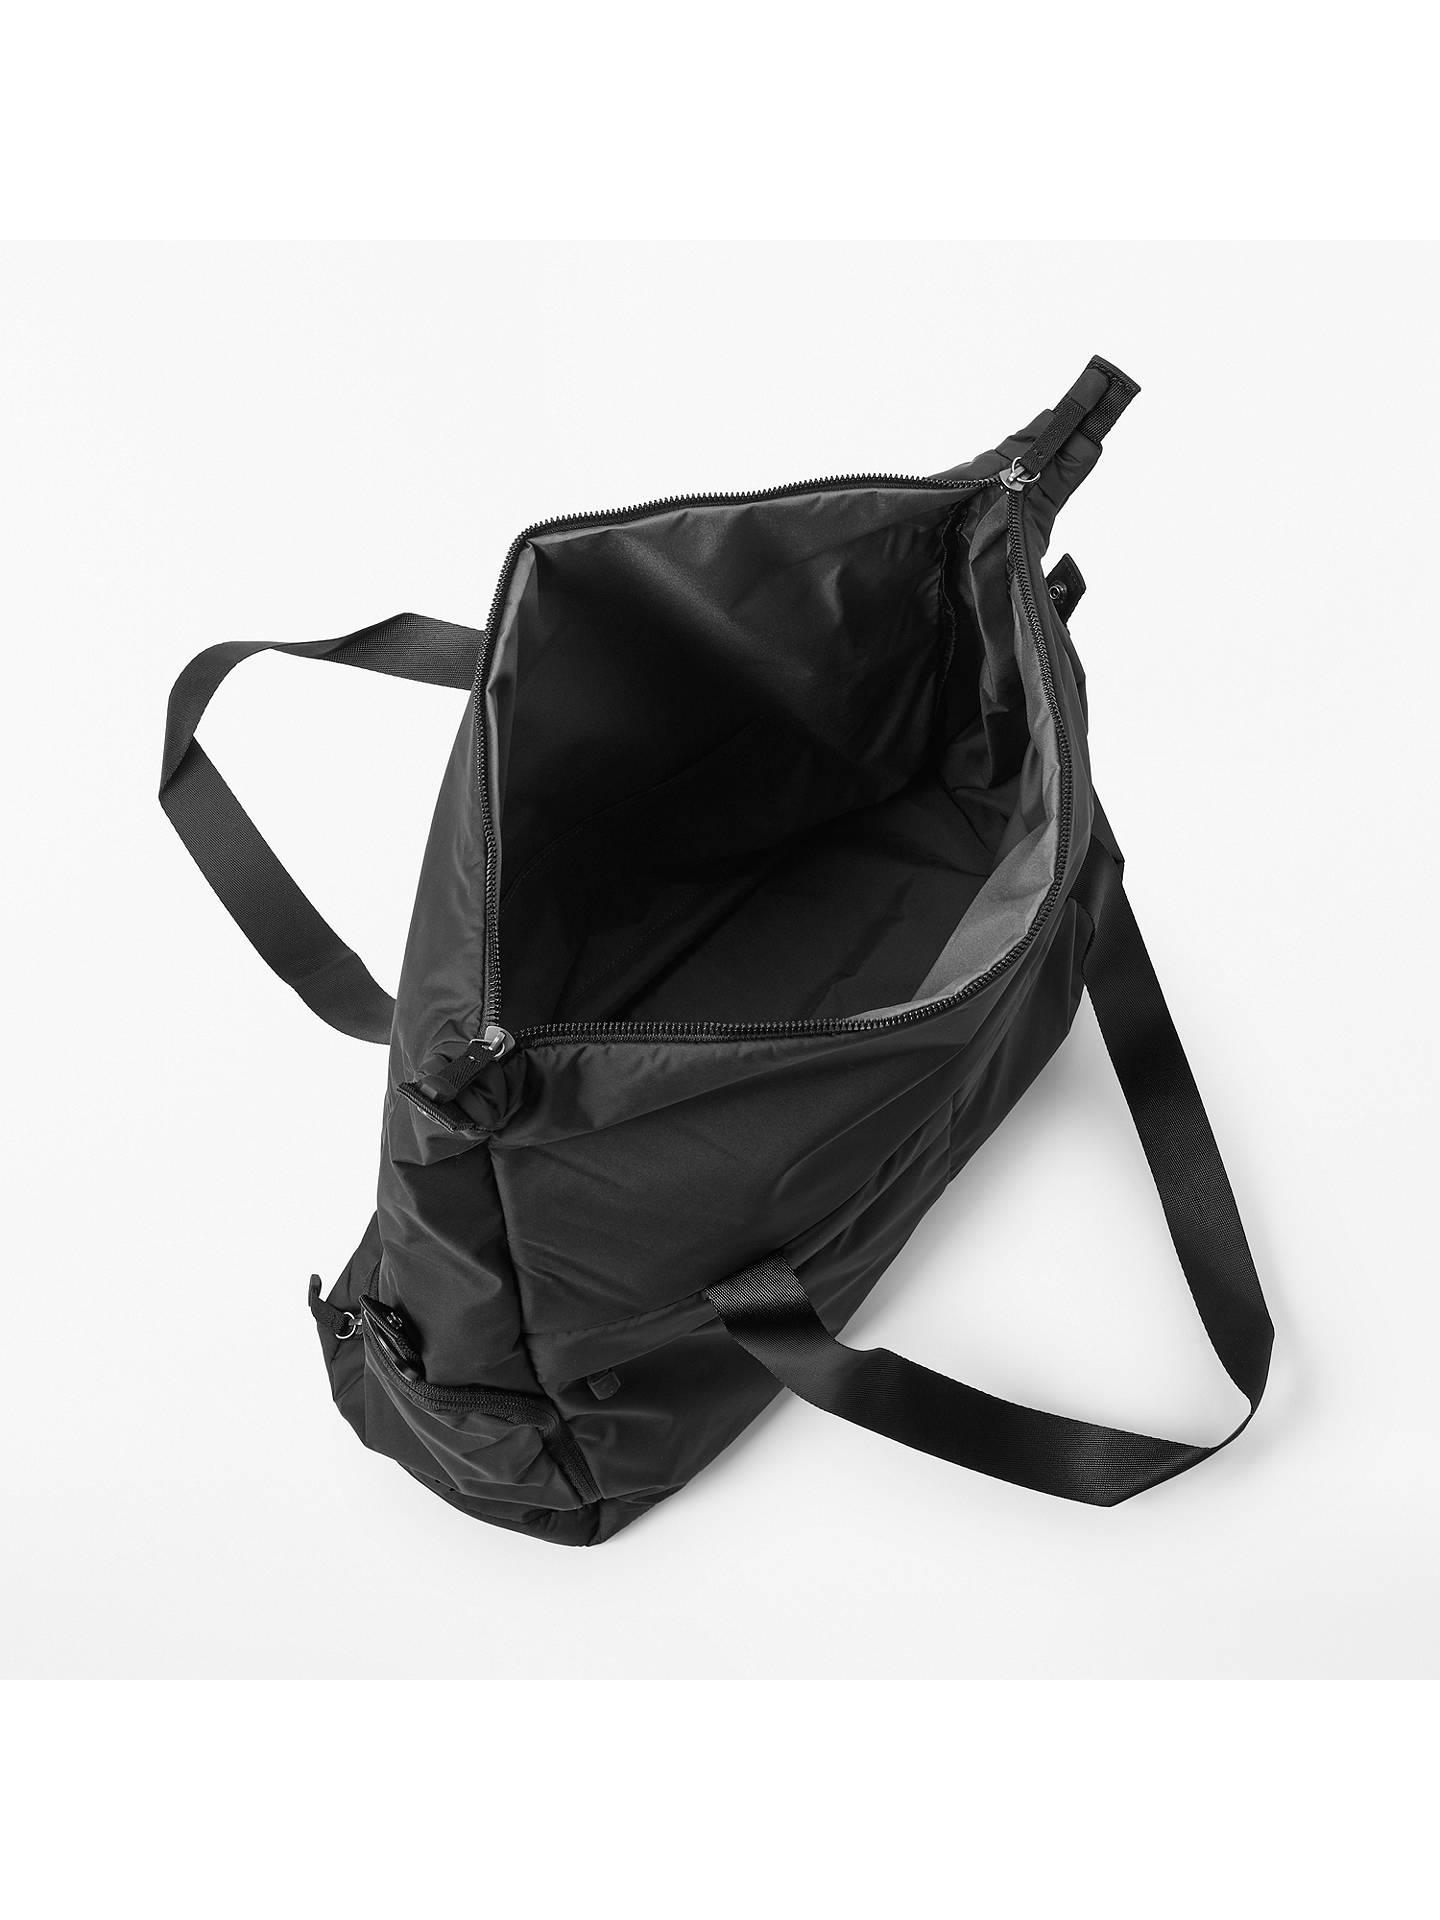 e7ae2e043d7e ... BuyNike Legend Club Training Bag